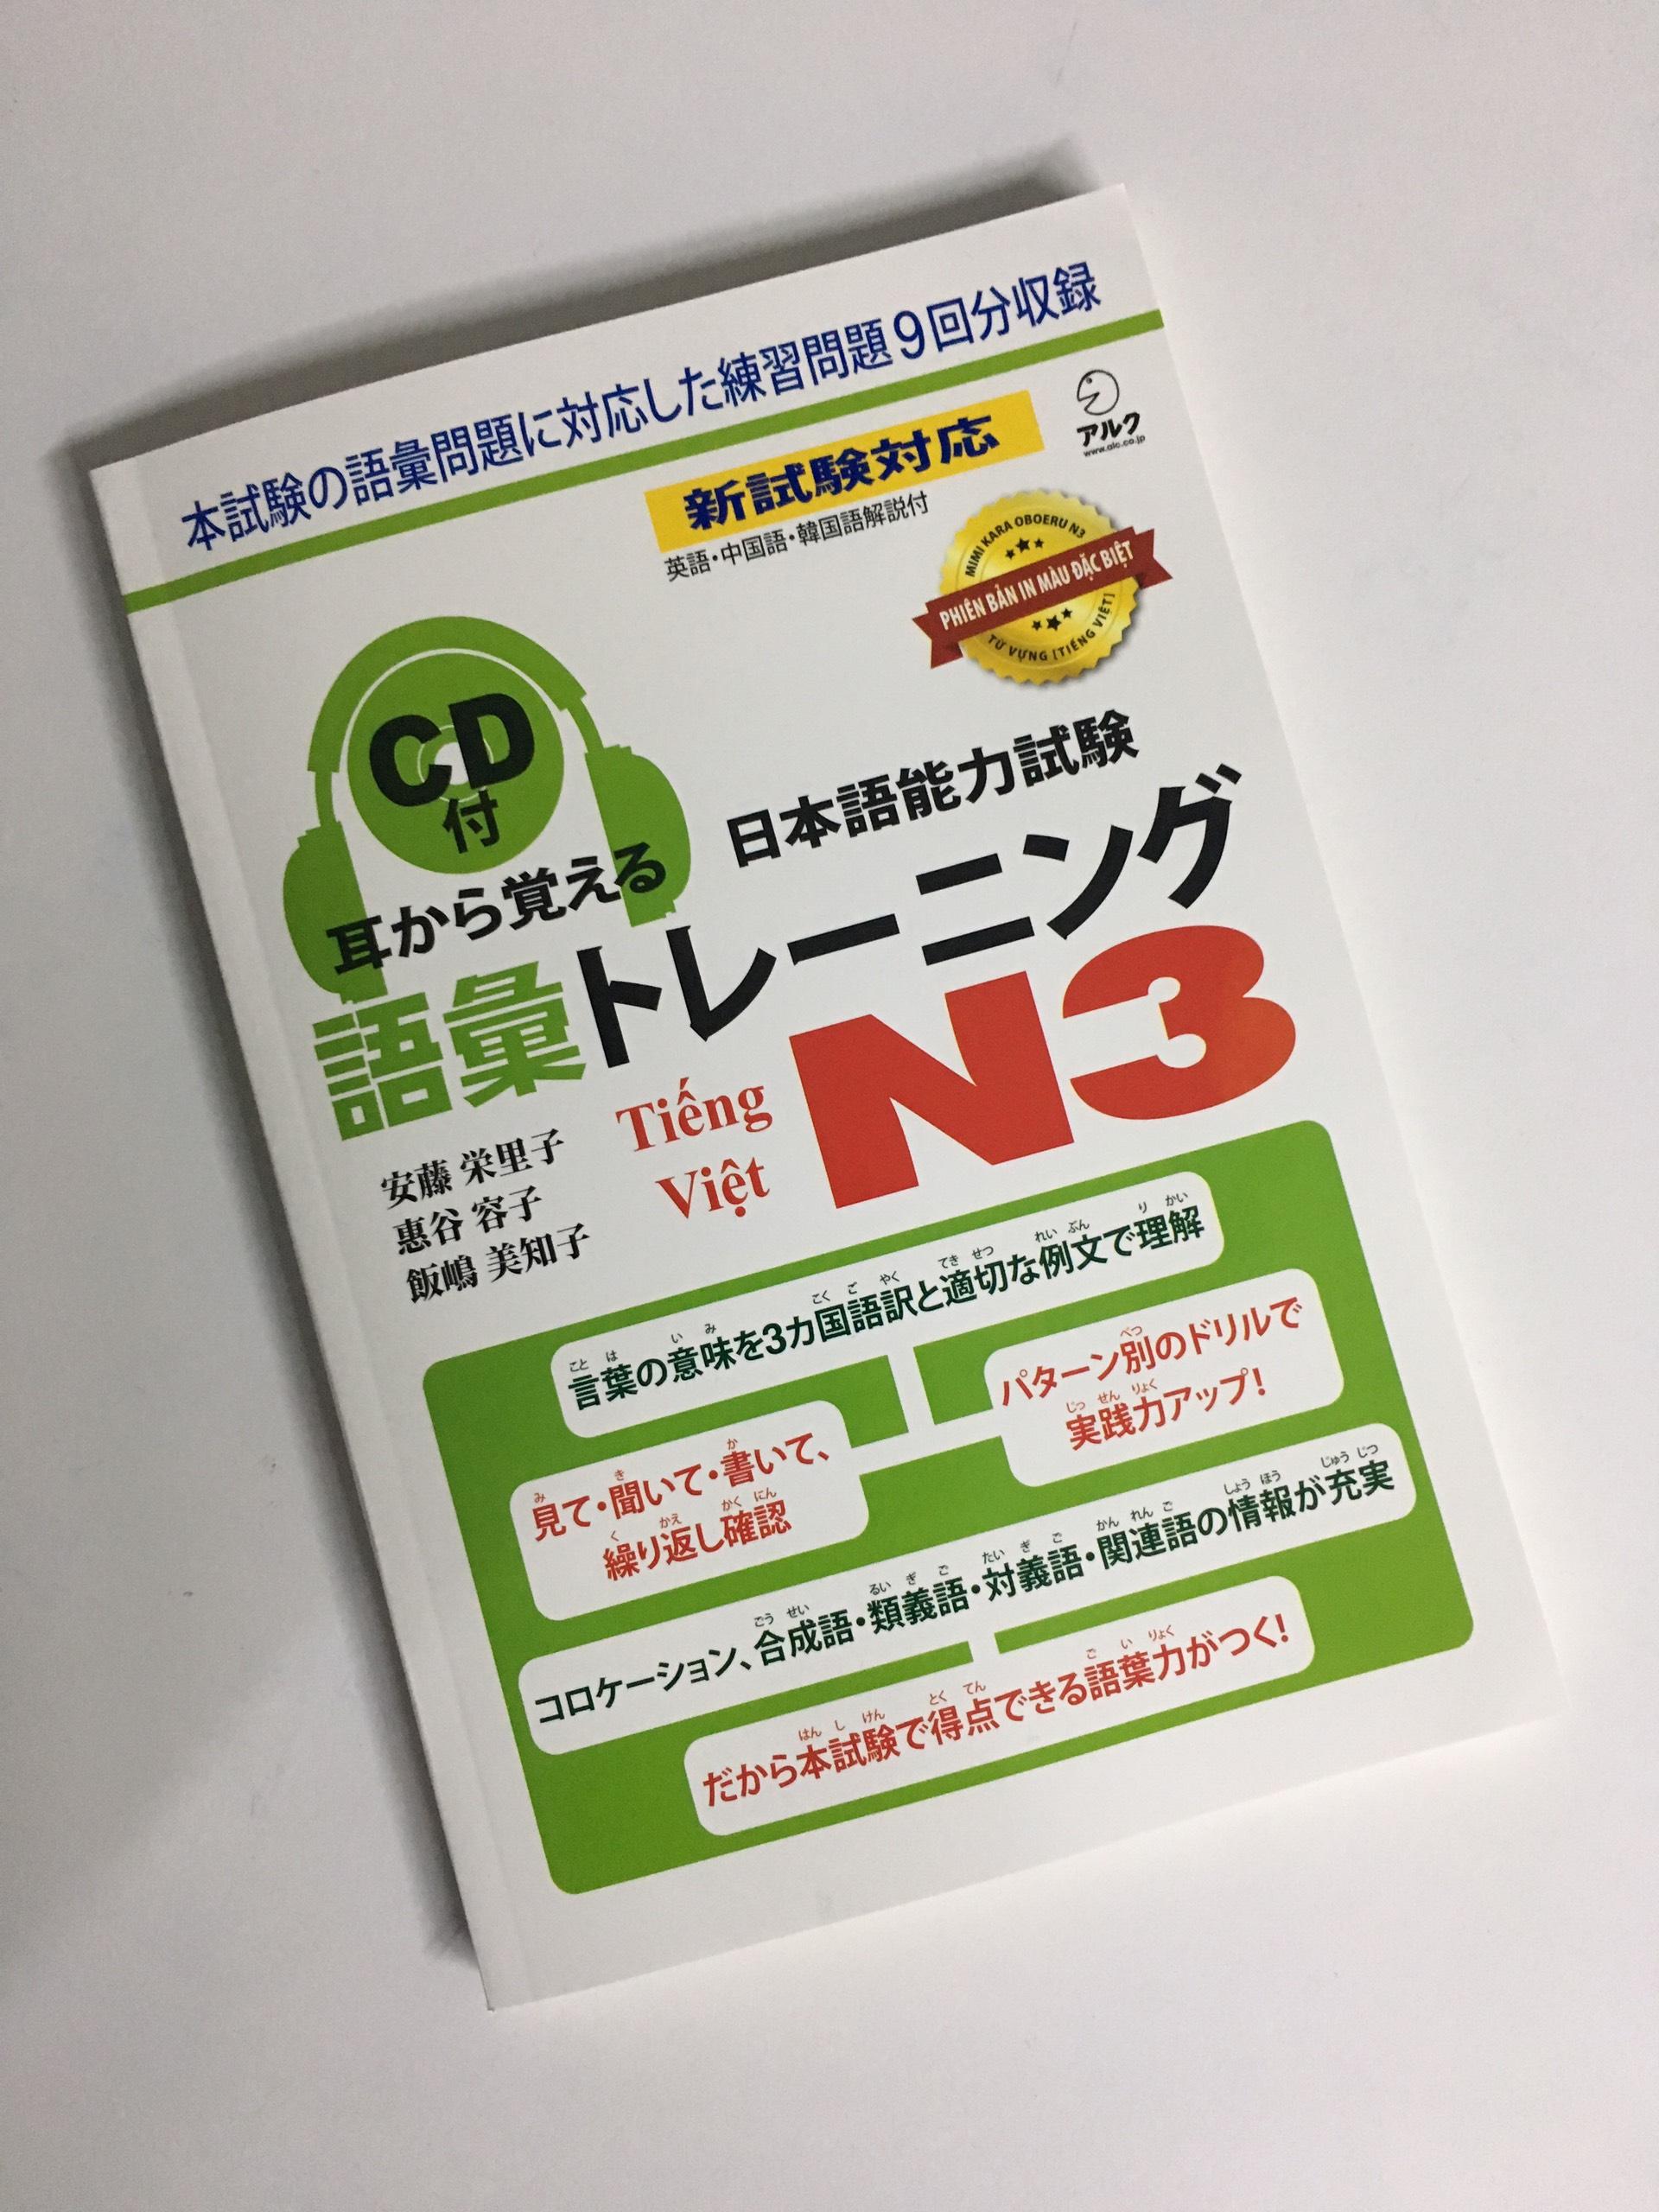 Sách Tiếng Nhật - Mimikara Oboeru N3 - Từ Vựng (Bản Dịch Tiếng Việt + In Màu) Giảm Giá Khủng